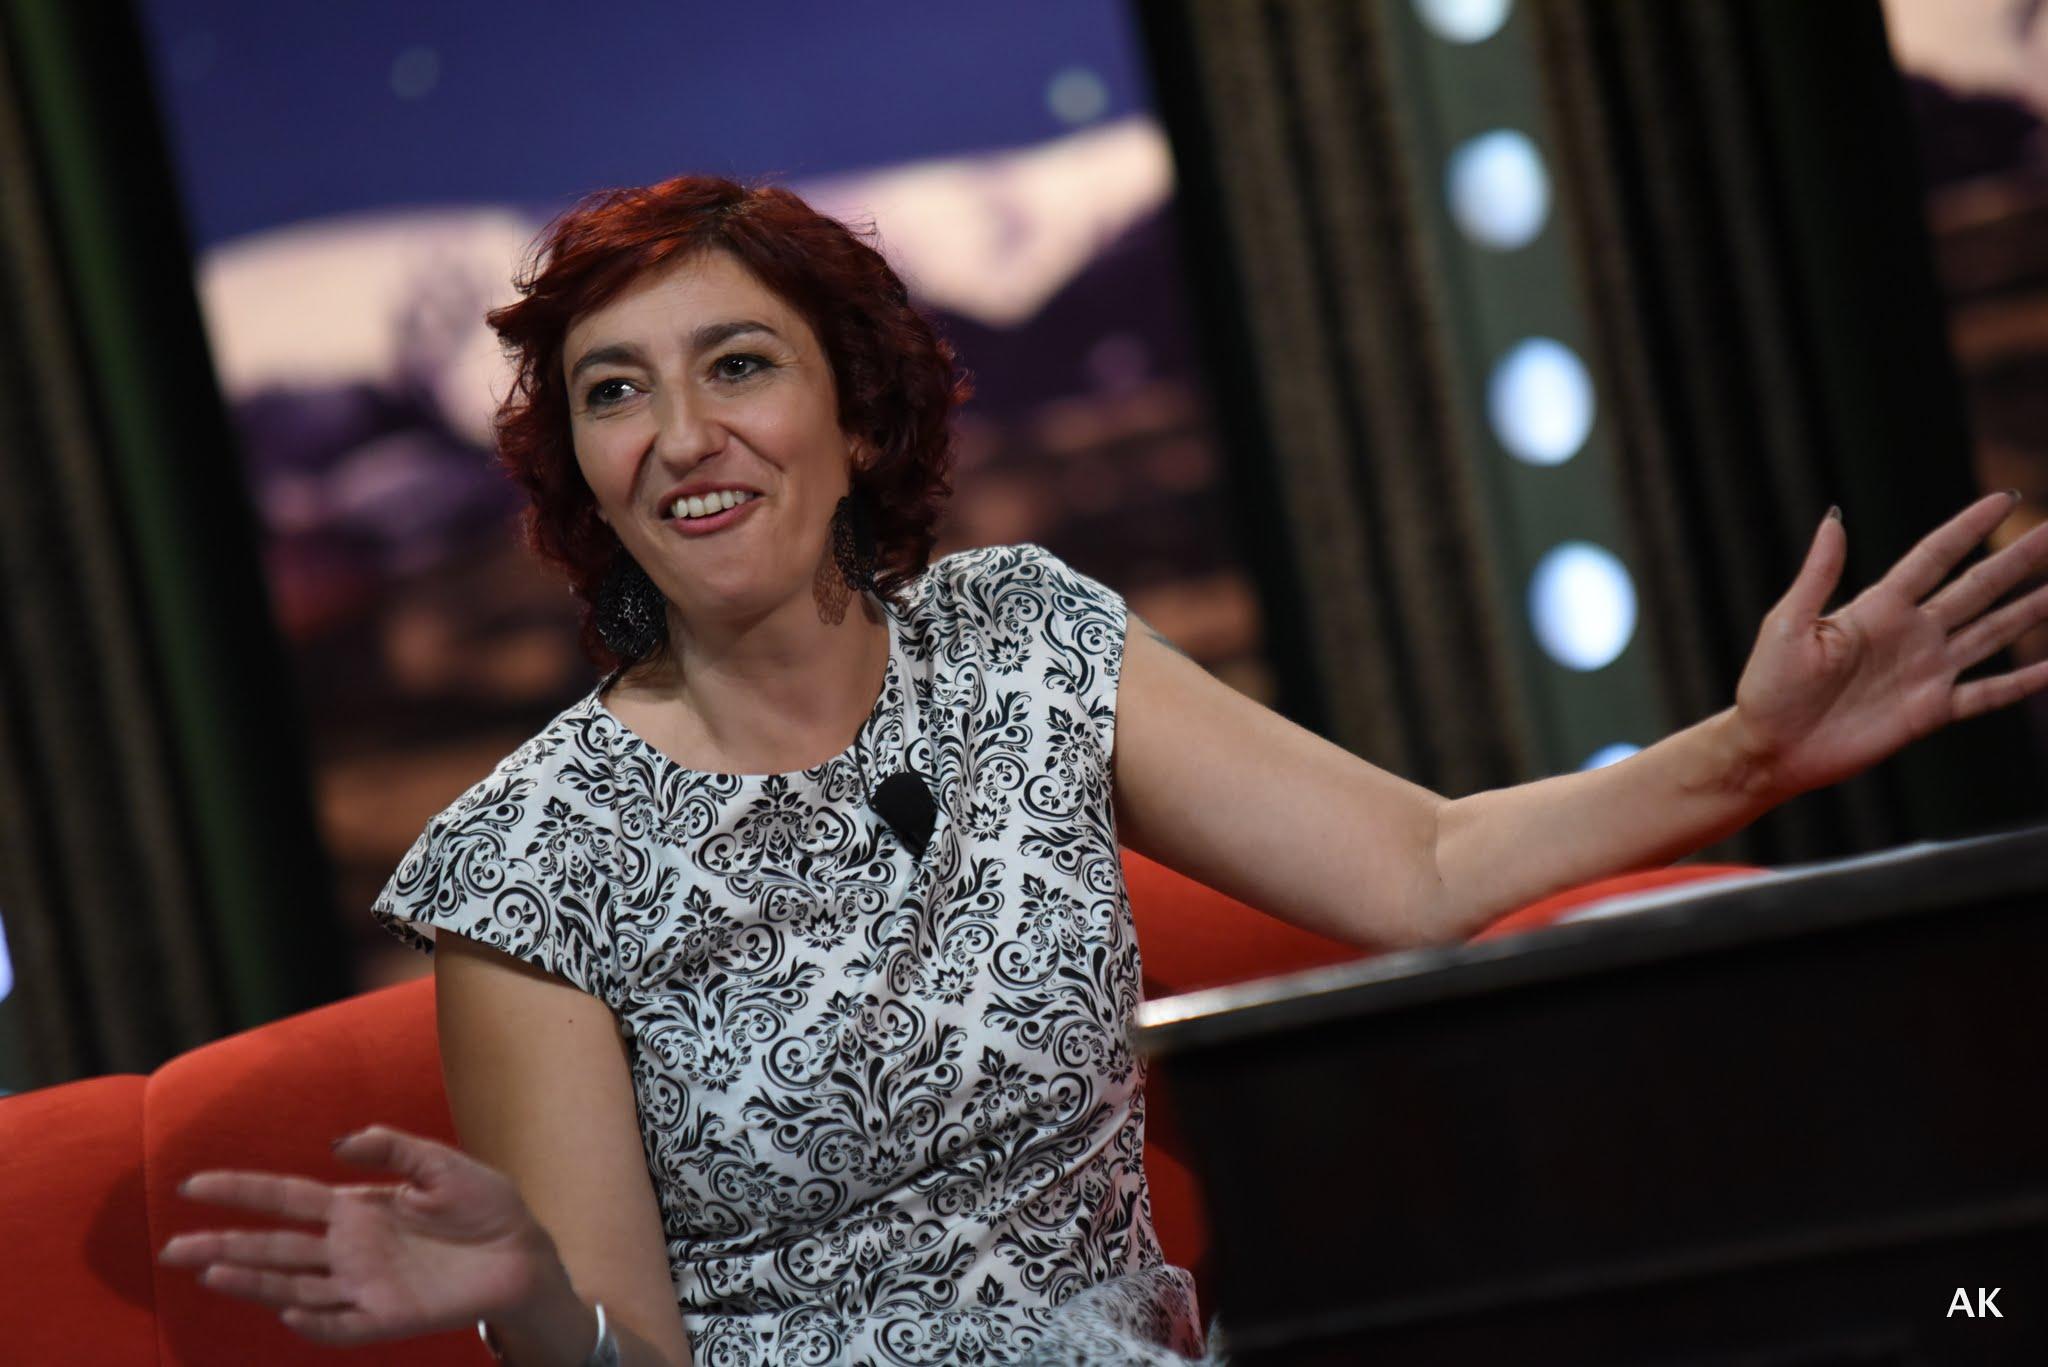 Herečka a moderátorka Simona Babčáková v SJK 31. 8. 2016